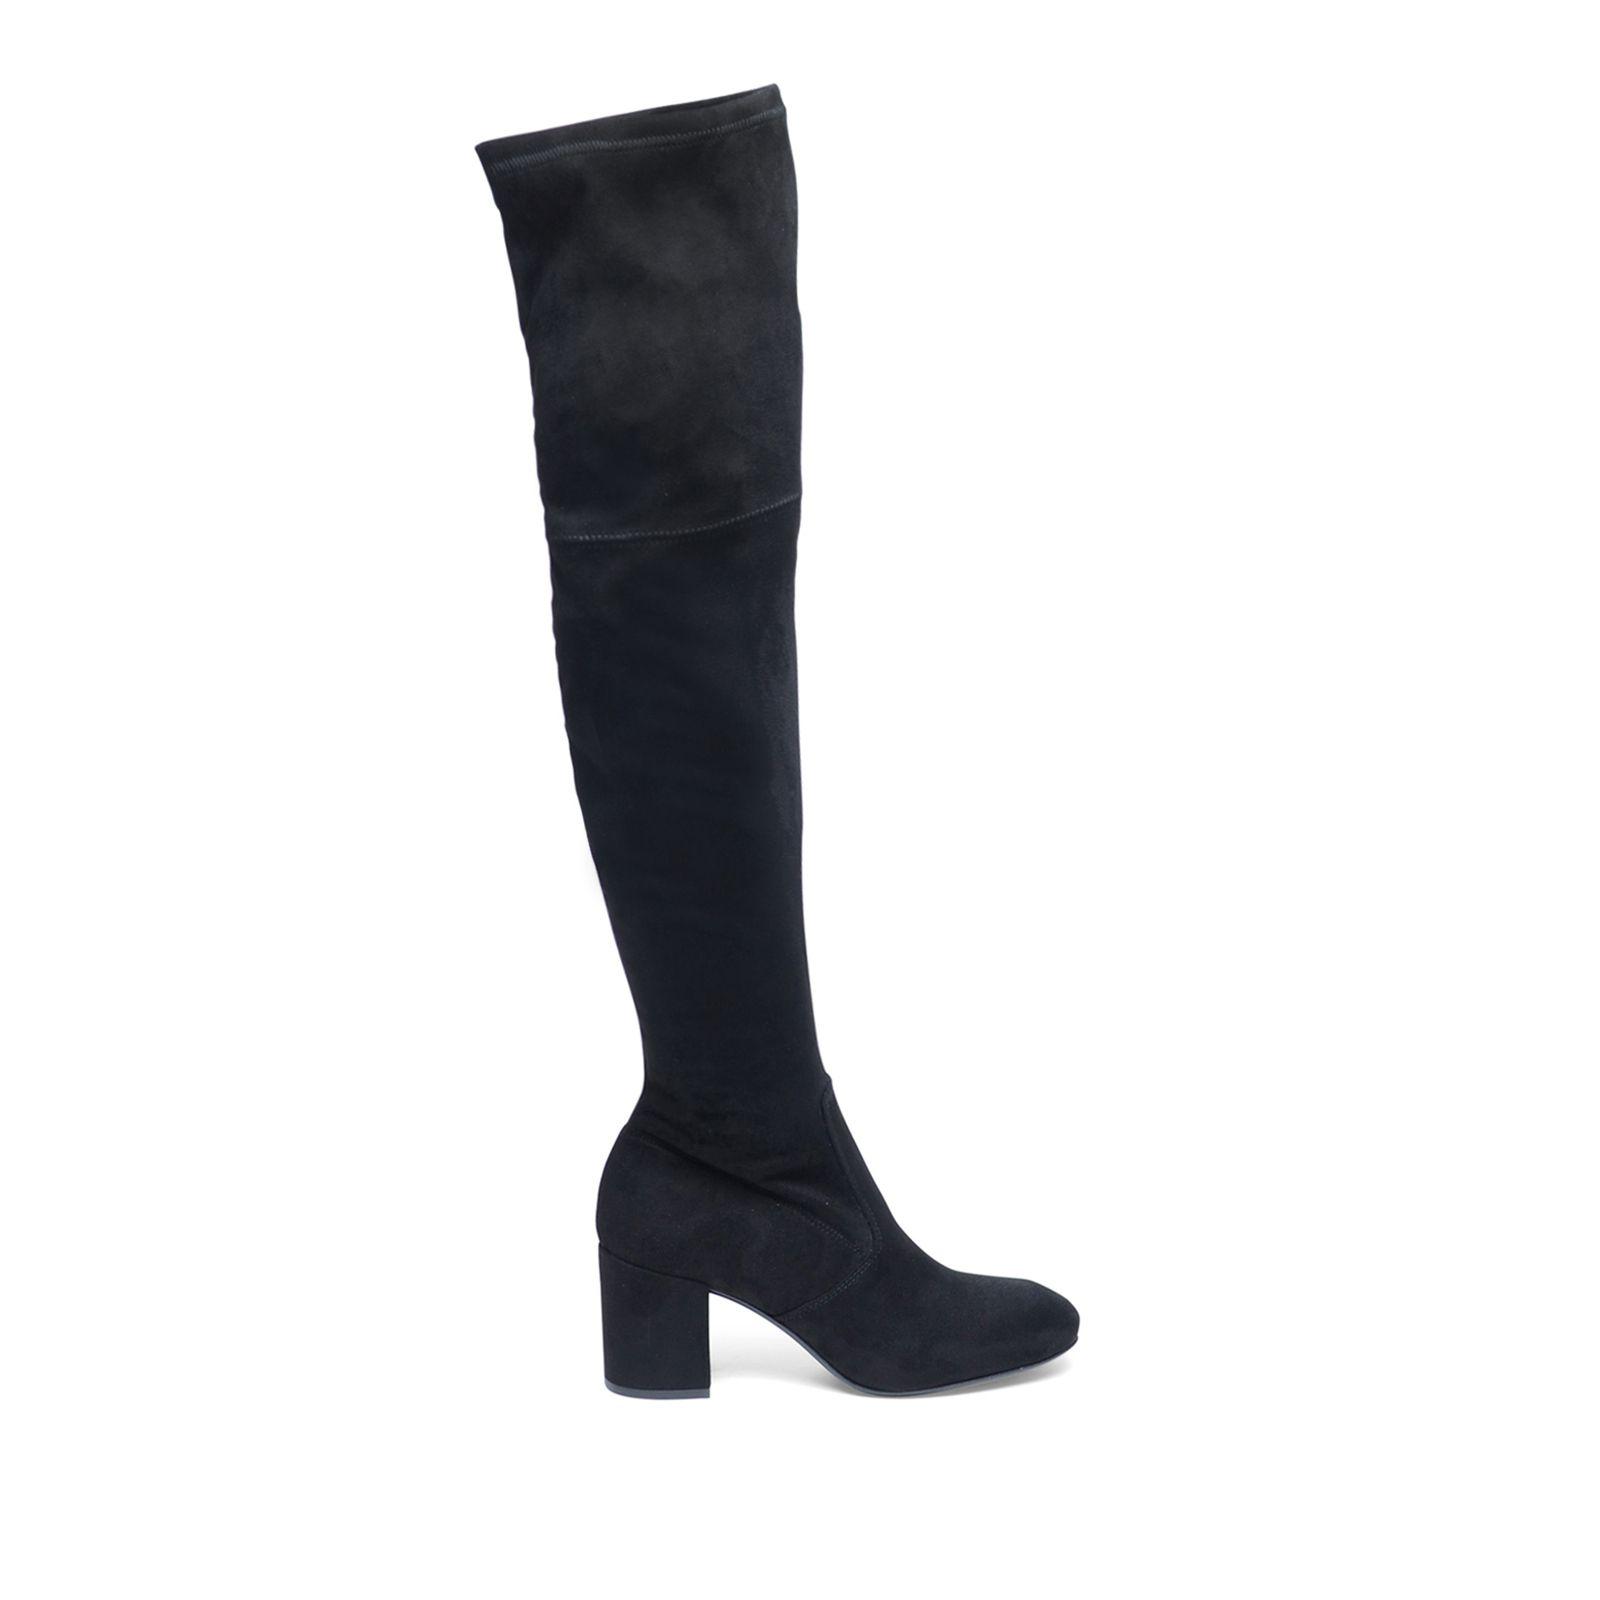 a37fae3eab9 Zwarte overknee laarzen